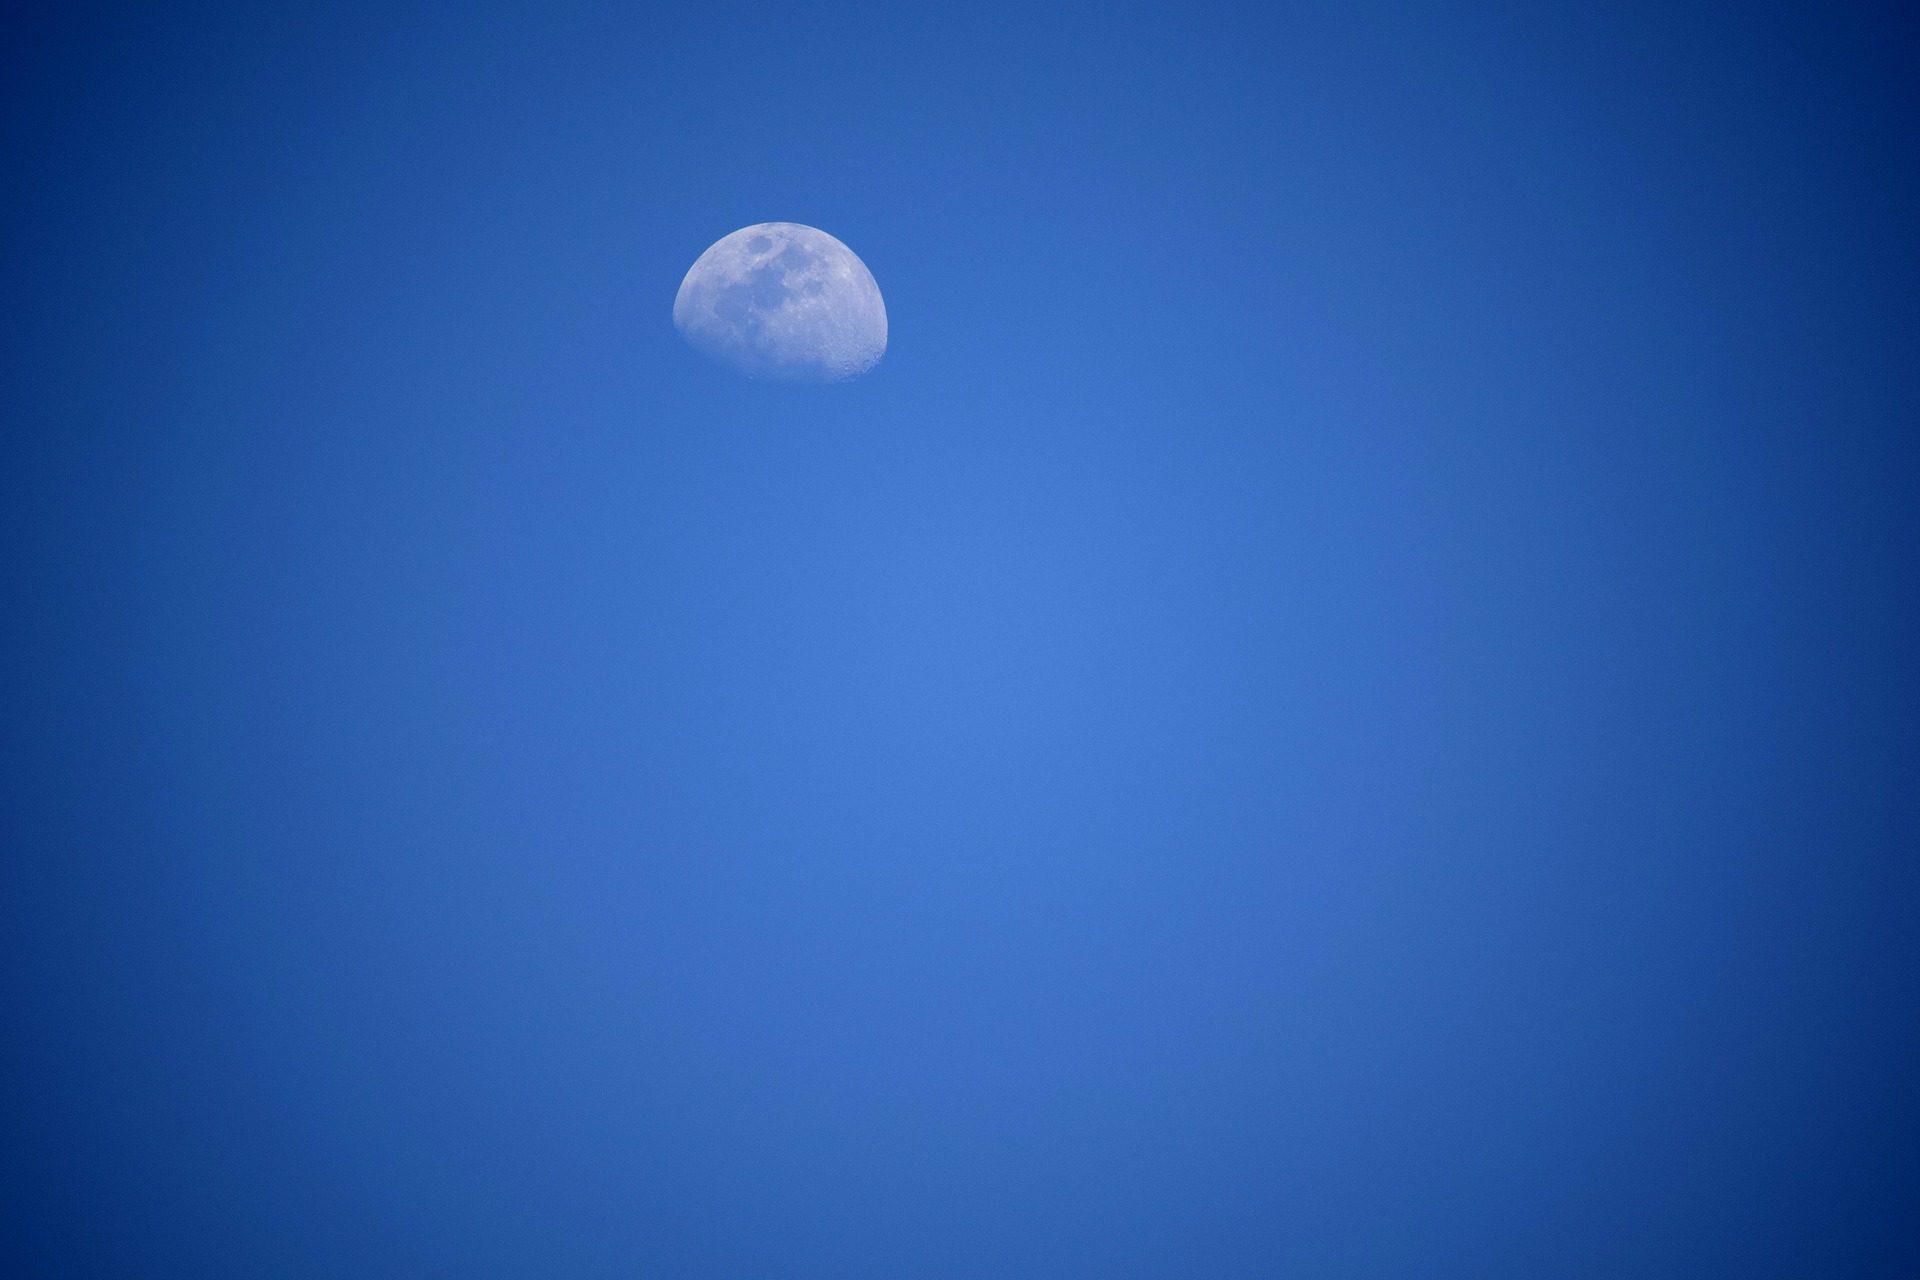 月, 空, 衛星放送, ブルー, 距離, スペース - HD の壁紙 - 教授-falken.com